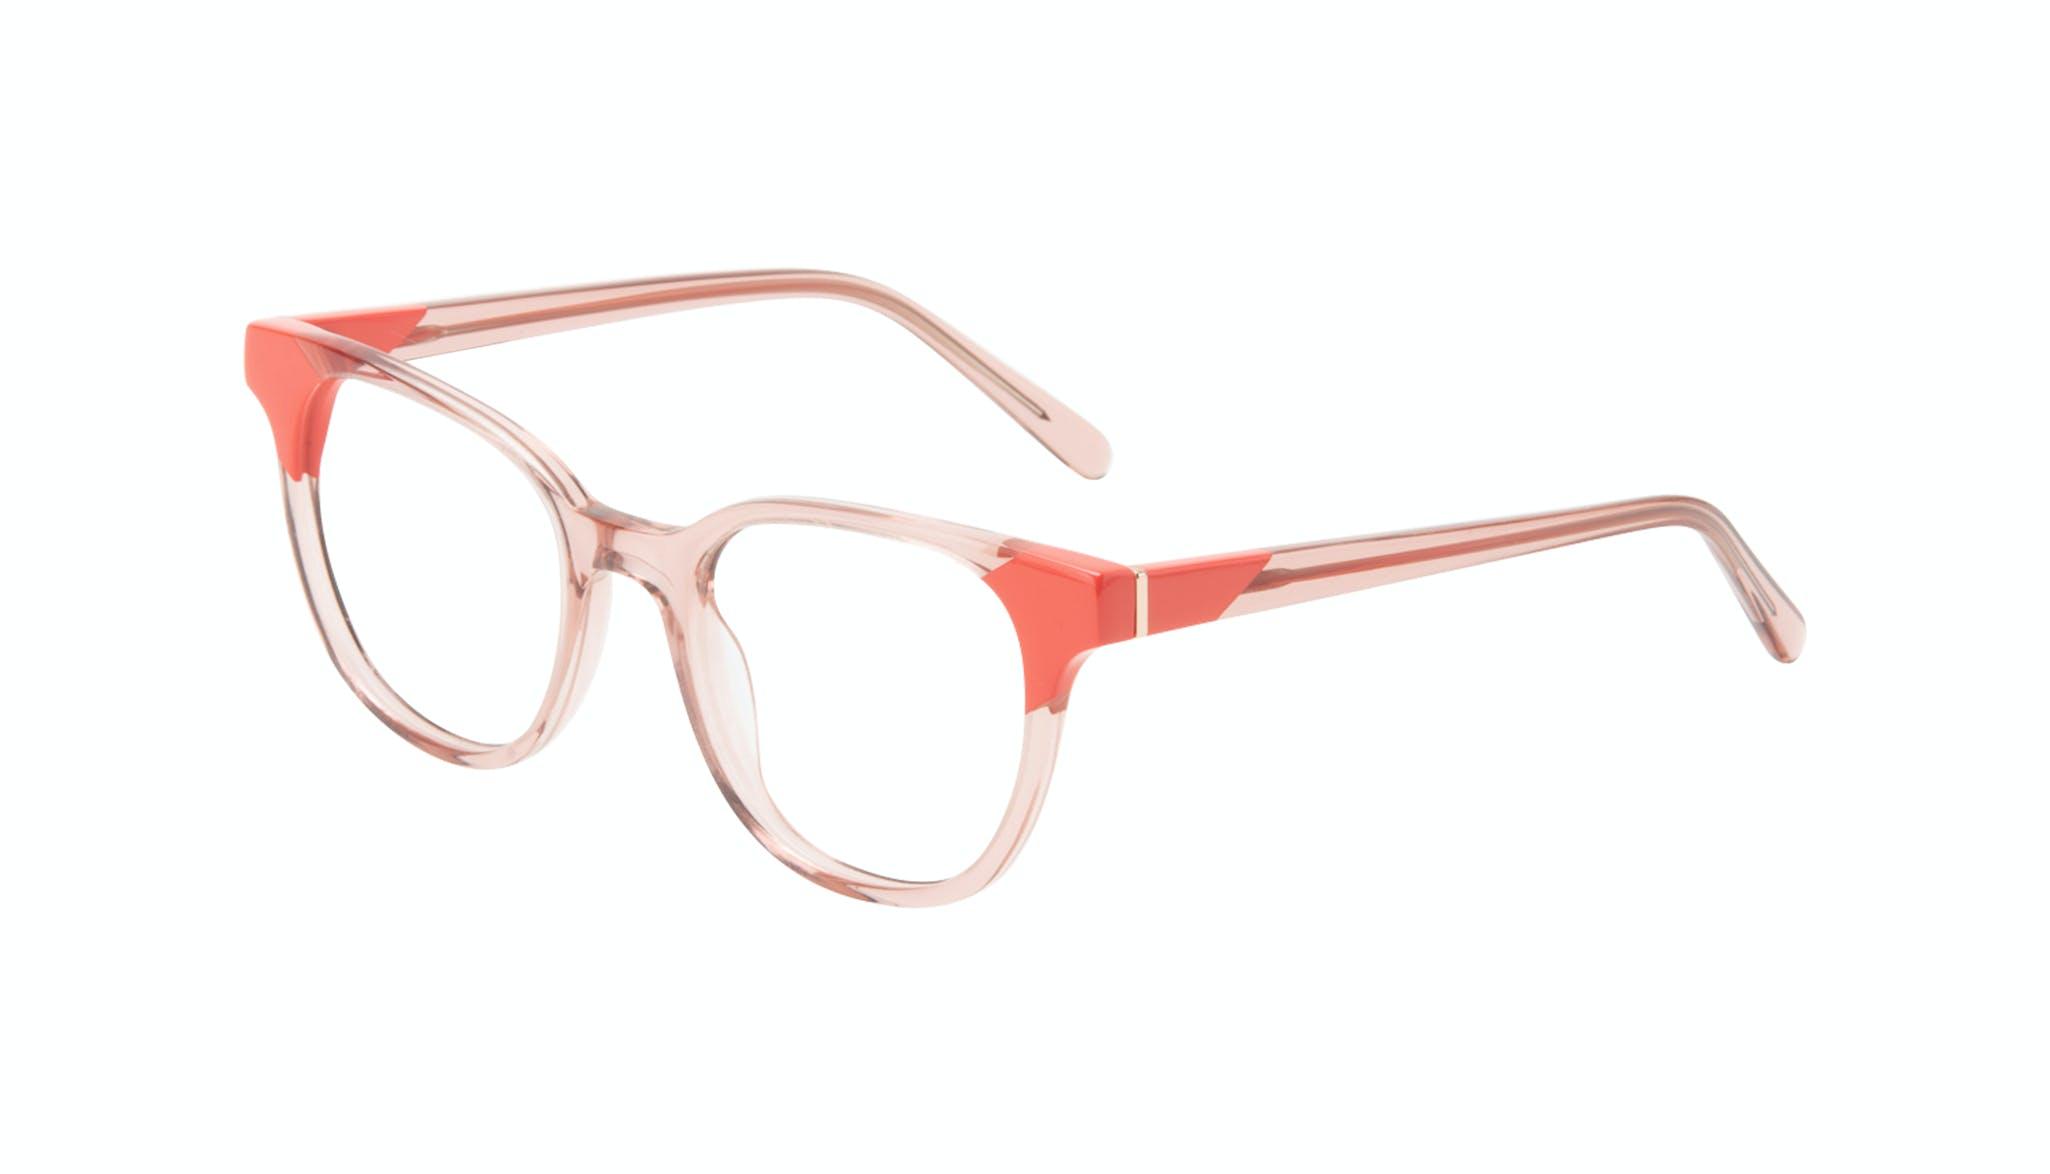 Lunettes tendance Carrée Lunettes de vue Femmes Lively Pink Coral Incliné